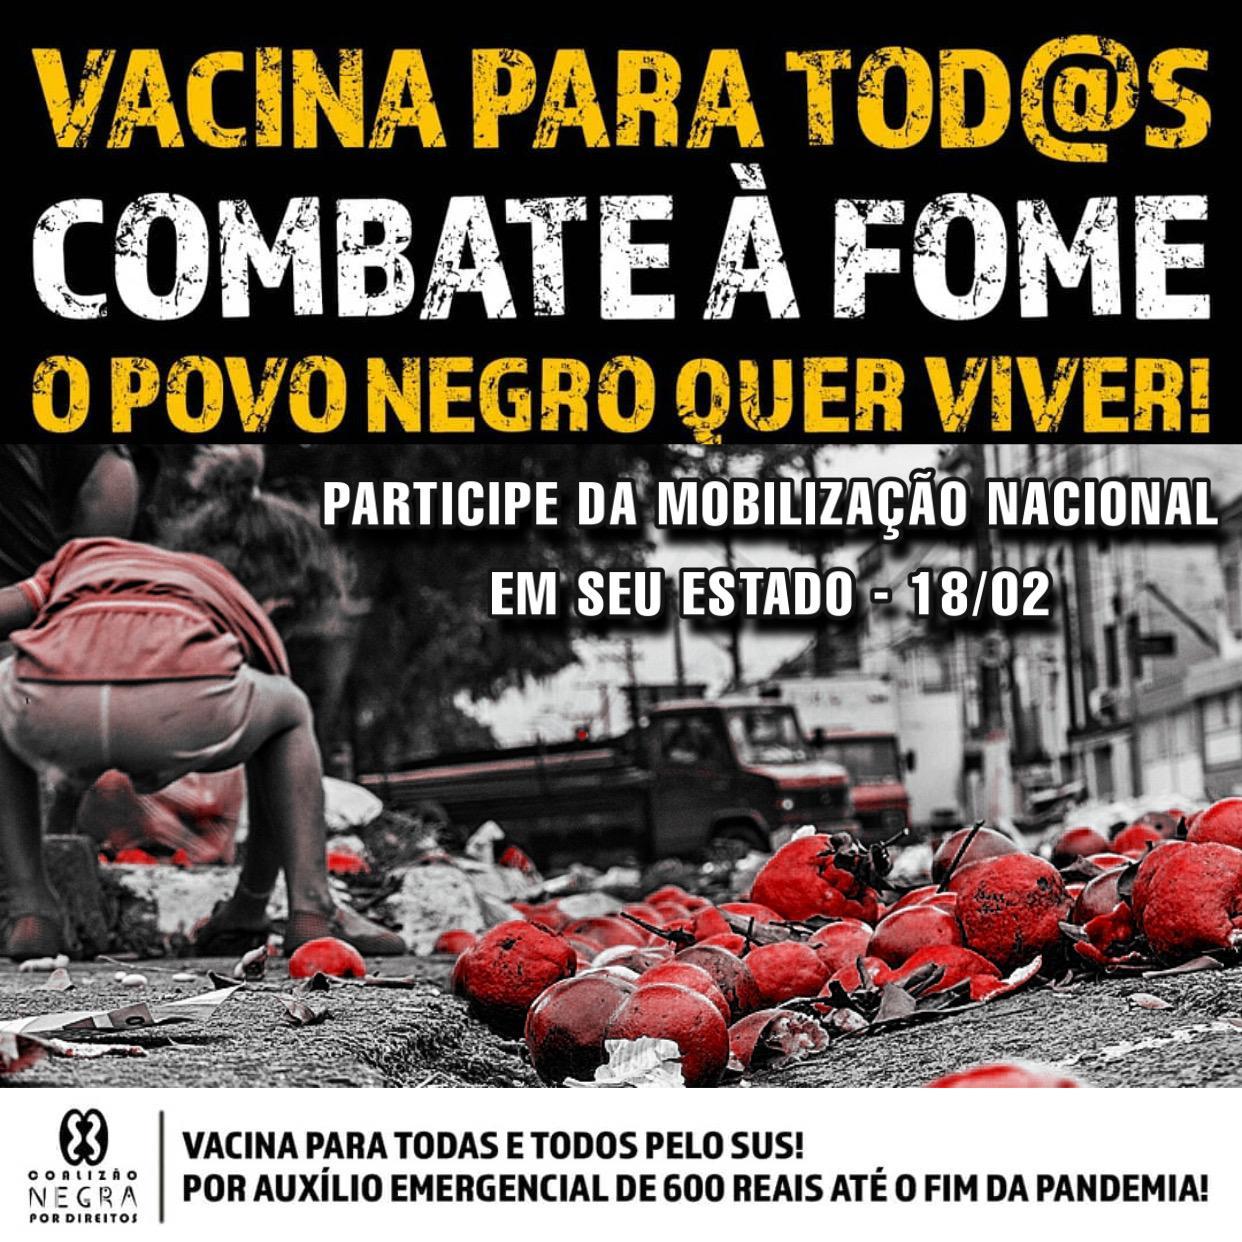 Foto: Divulgação/ Coalização Negra Por Direitos